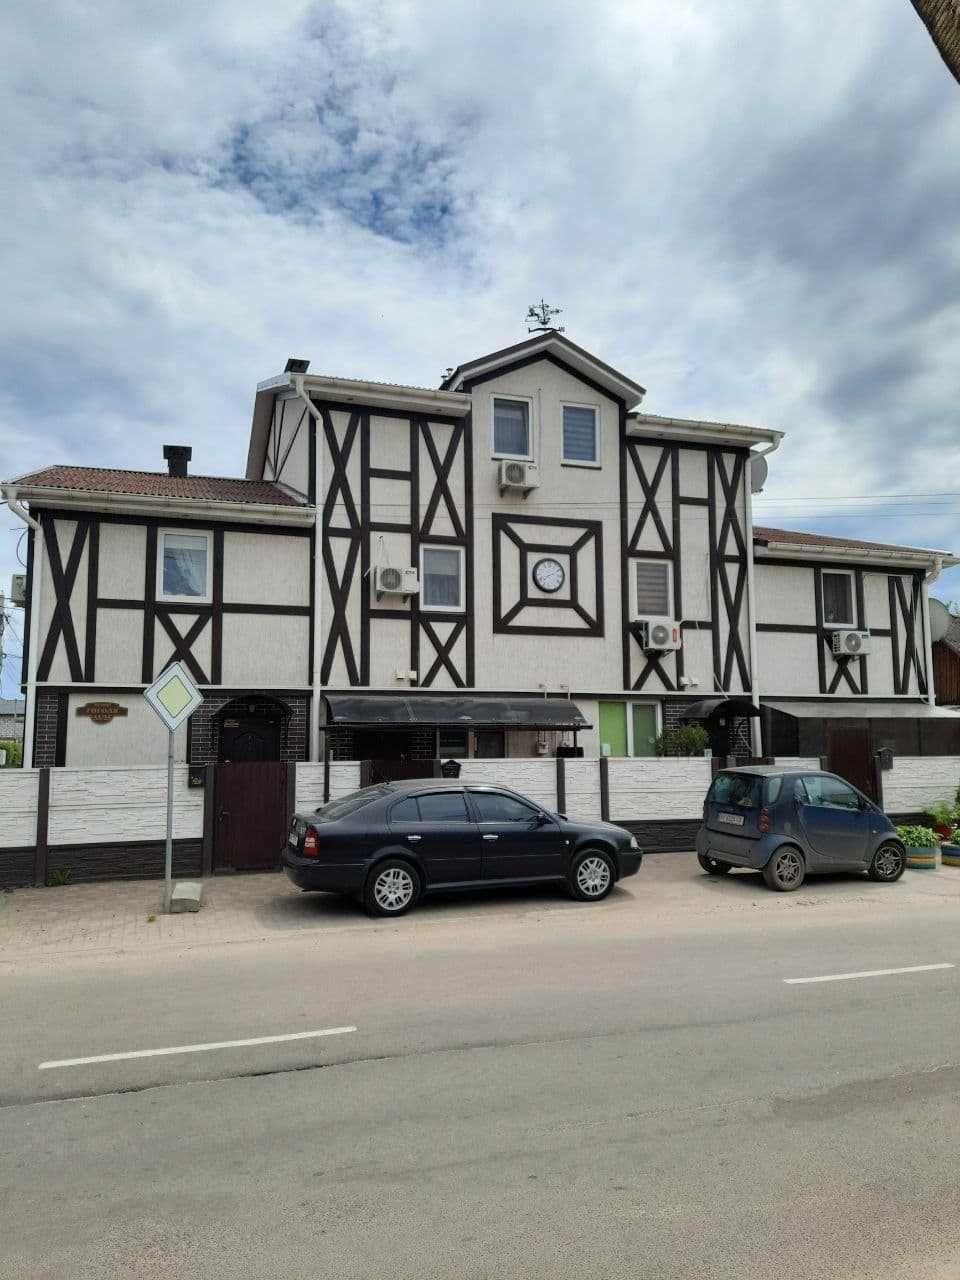 2к квартира с ремонтом  в центре г. Боярка